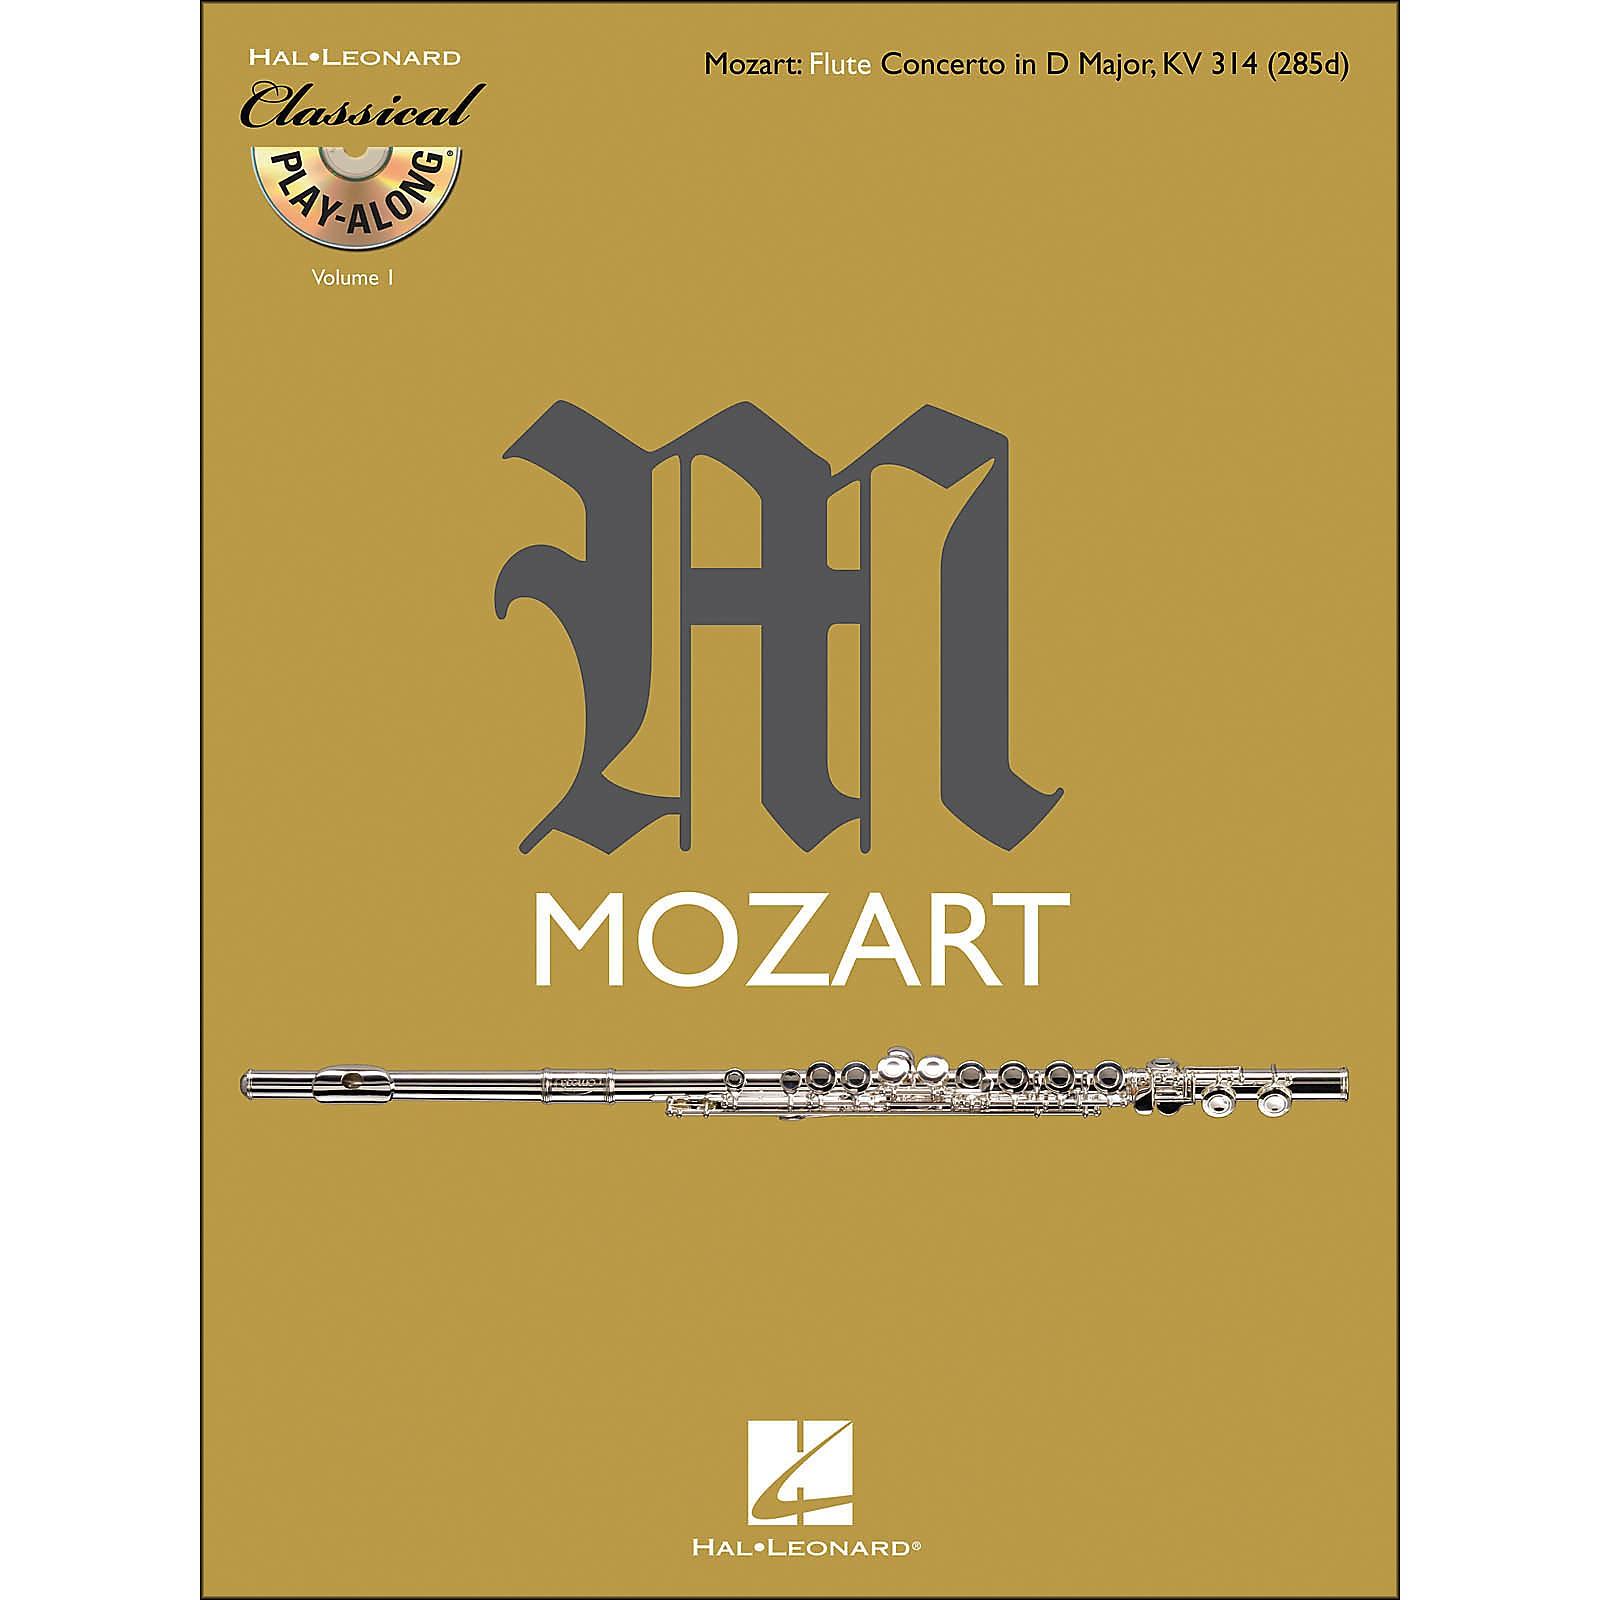 Hal Leonard Mozart: Flute Concerto In D M Ajor, Kv 314 Classical Play-Along Book/CD Vol.1